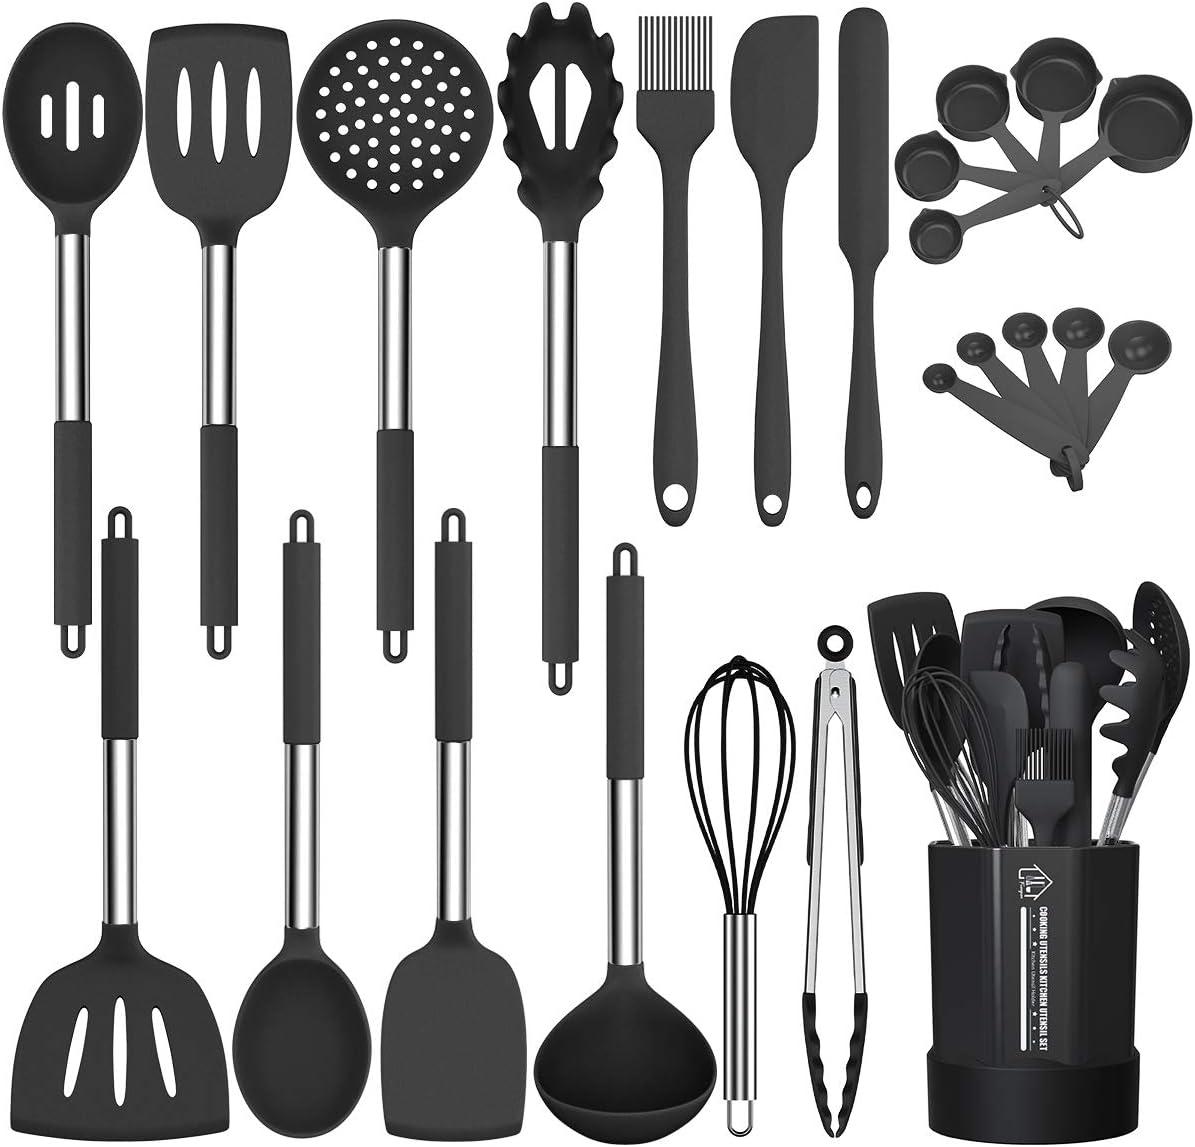 Silicone Cooking Utensil Set, Fungun Non-stick Kitchen Utensil 24 Pcs Cooking Utensils Set